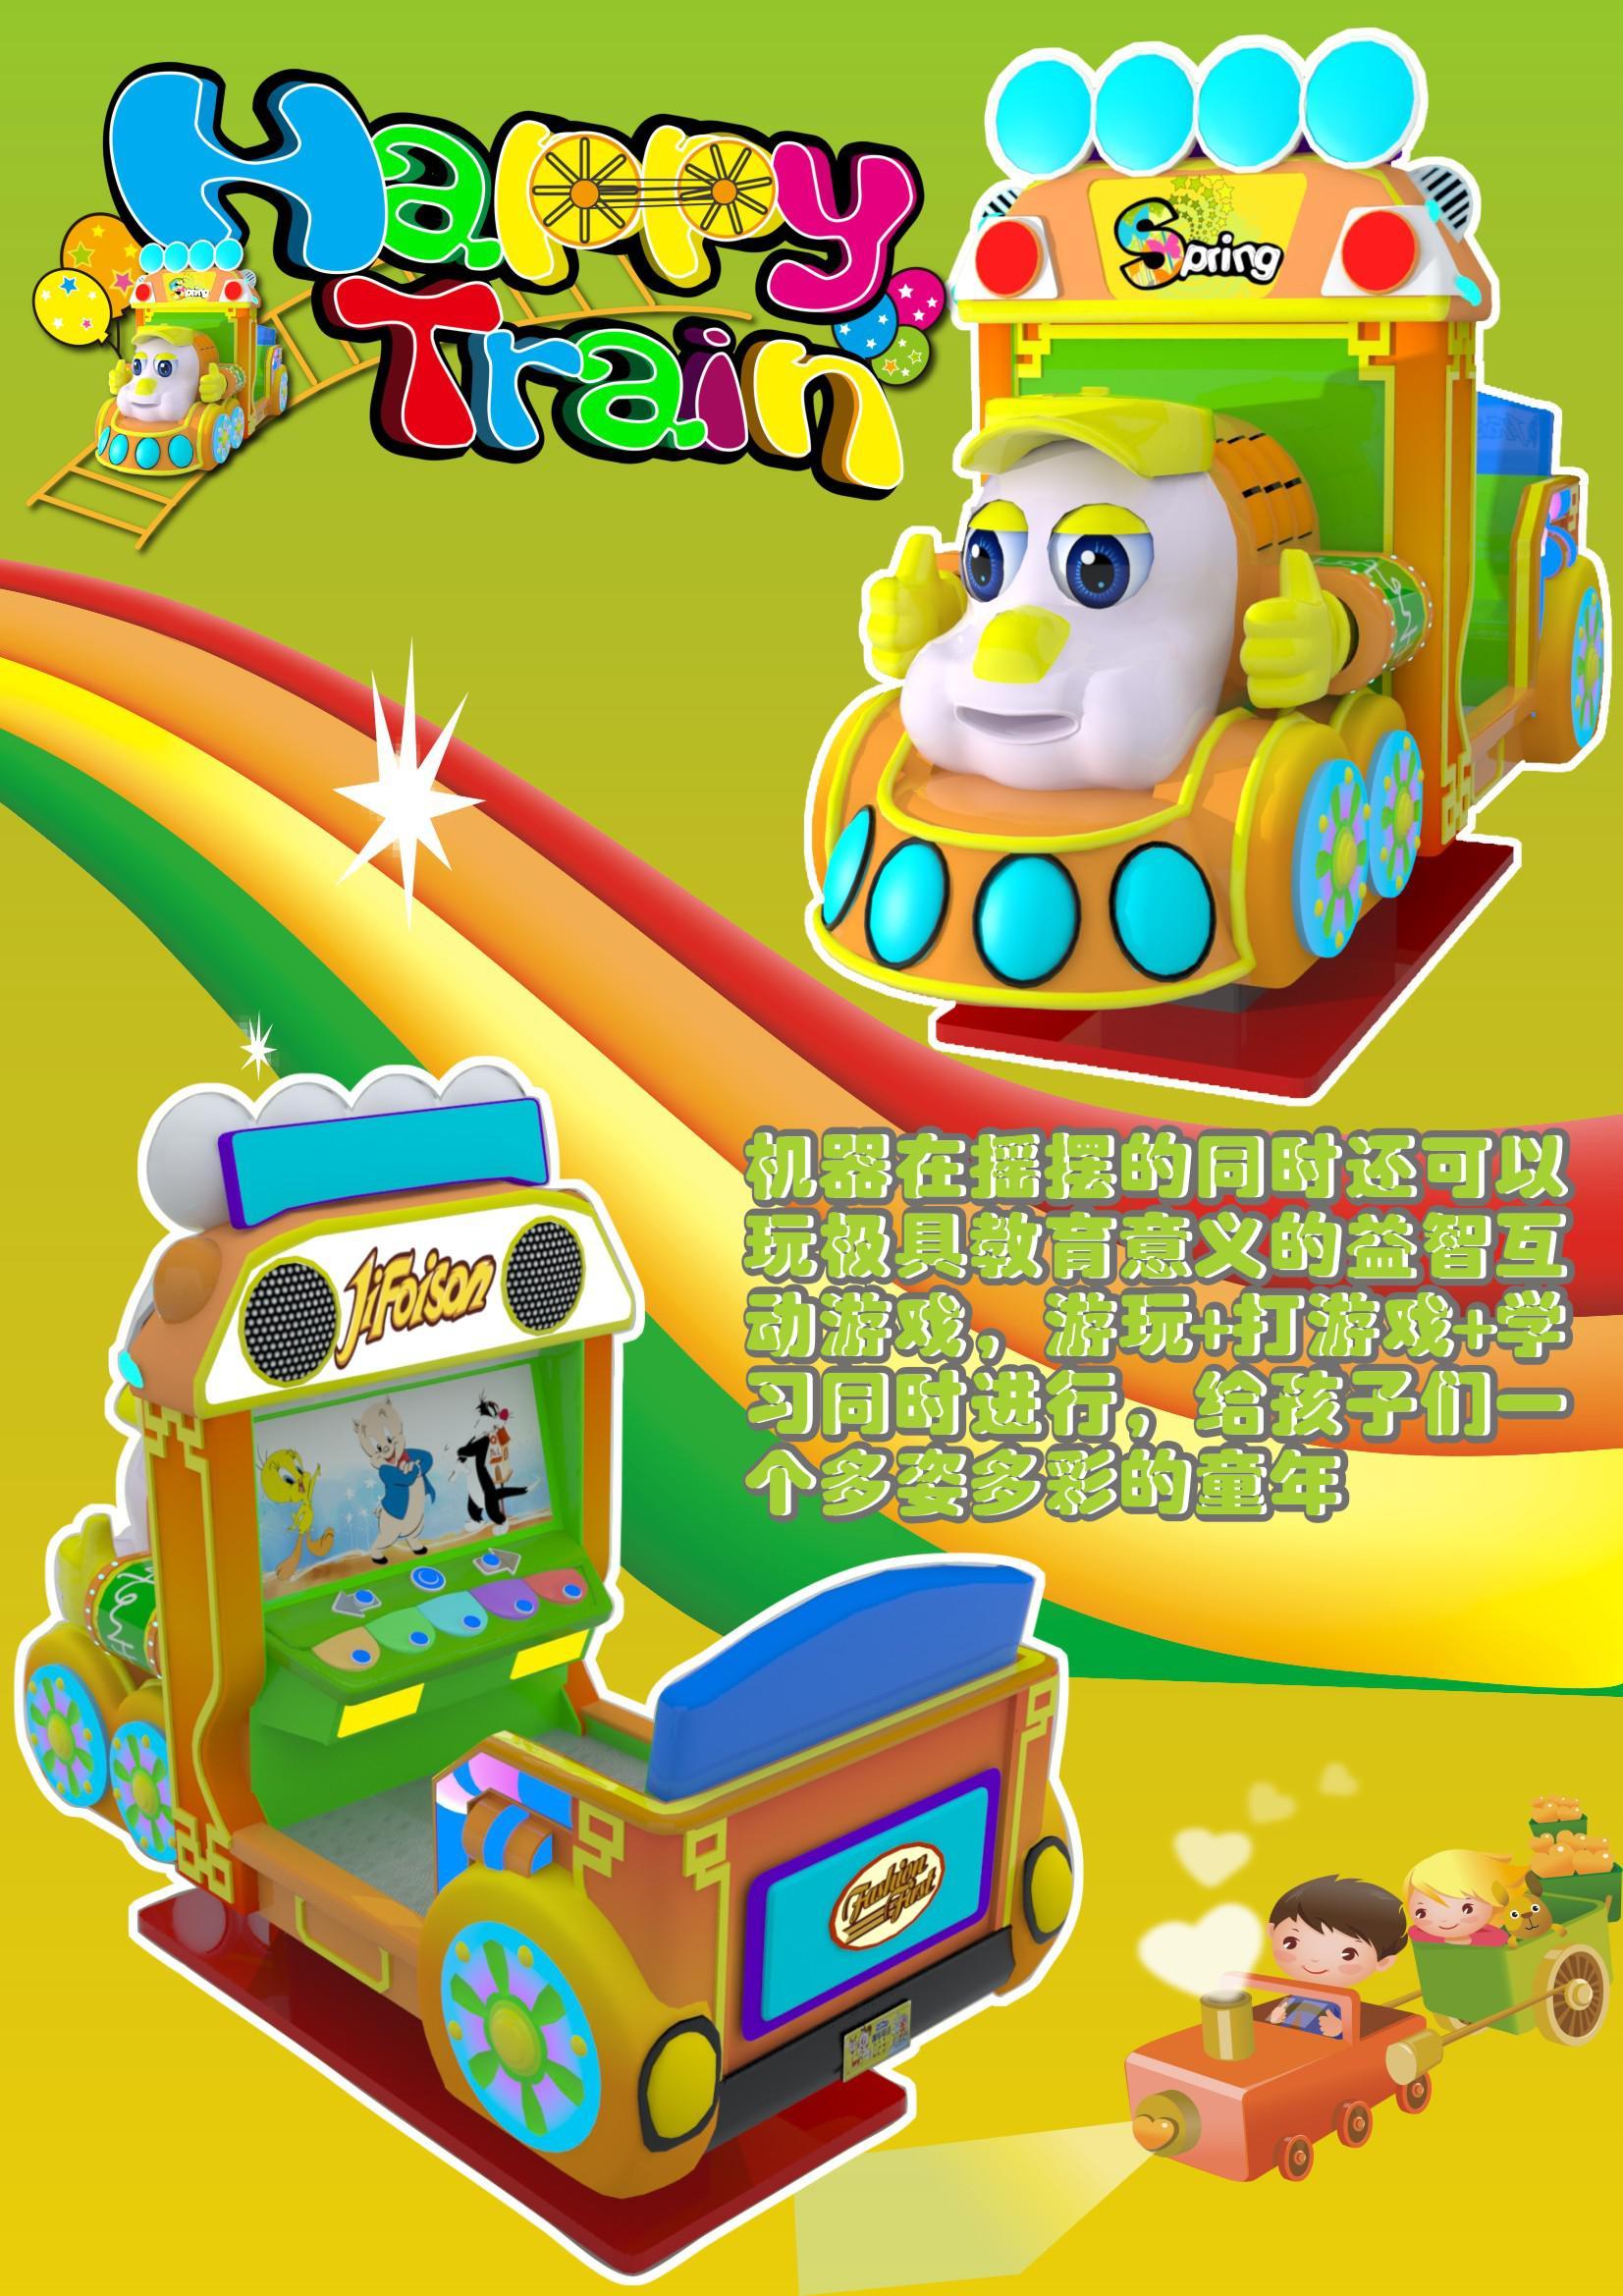 南玮星欢乐火车游戏机 小型儿童投币摇摇车 儿童乐园游乐电玩